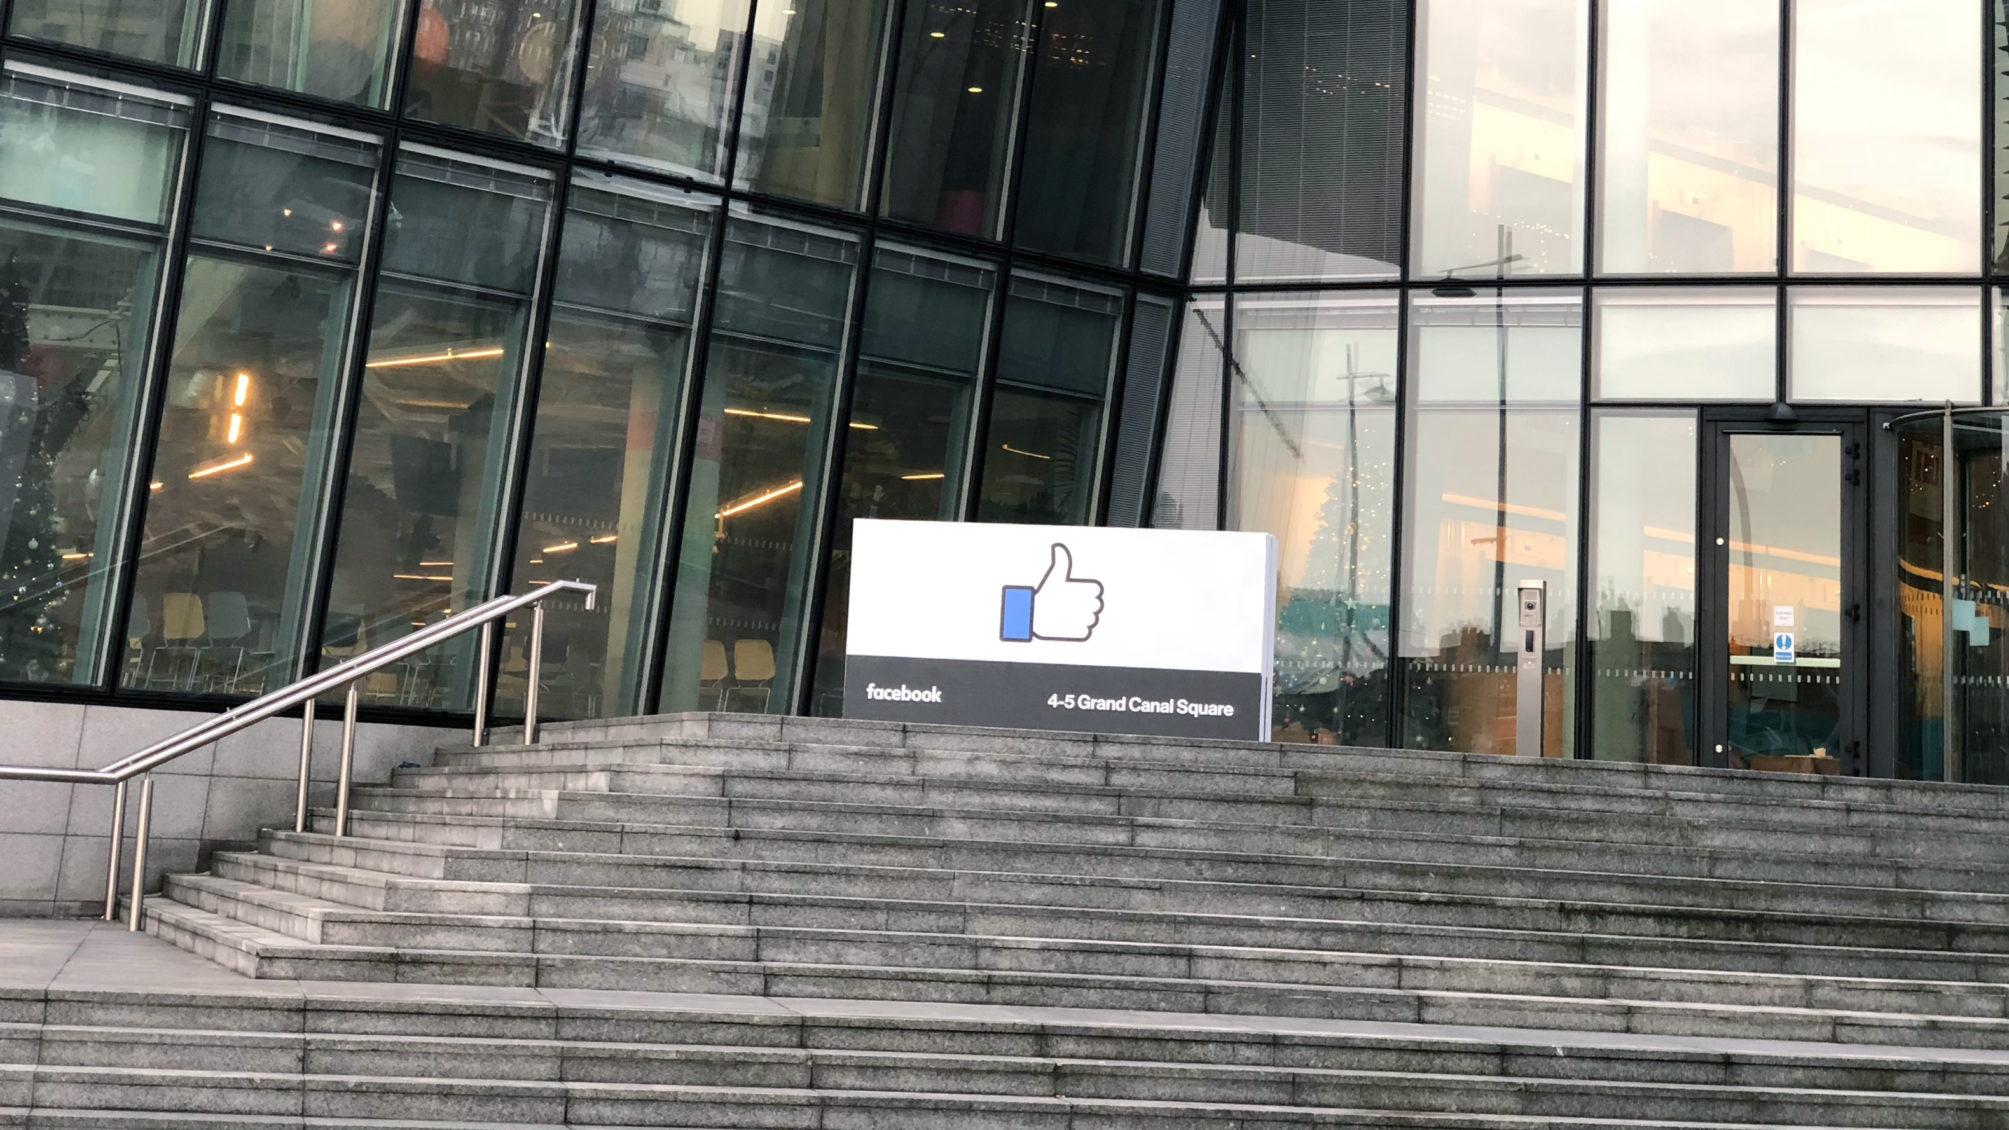 Trop d'erreurs selon Mark Zuckerberg qui veut les résoudre en 2018 — Facebook